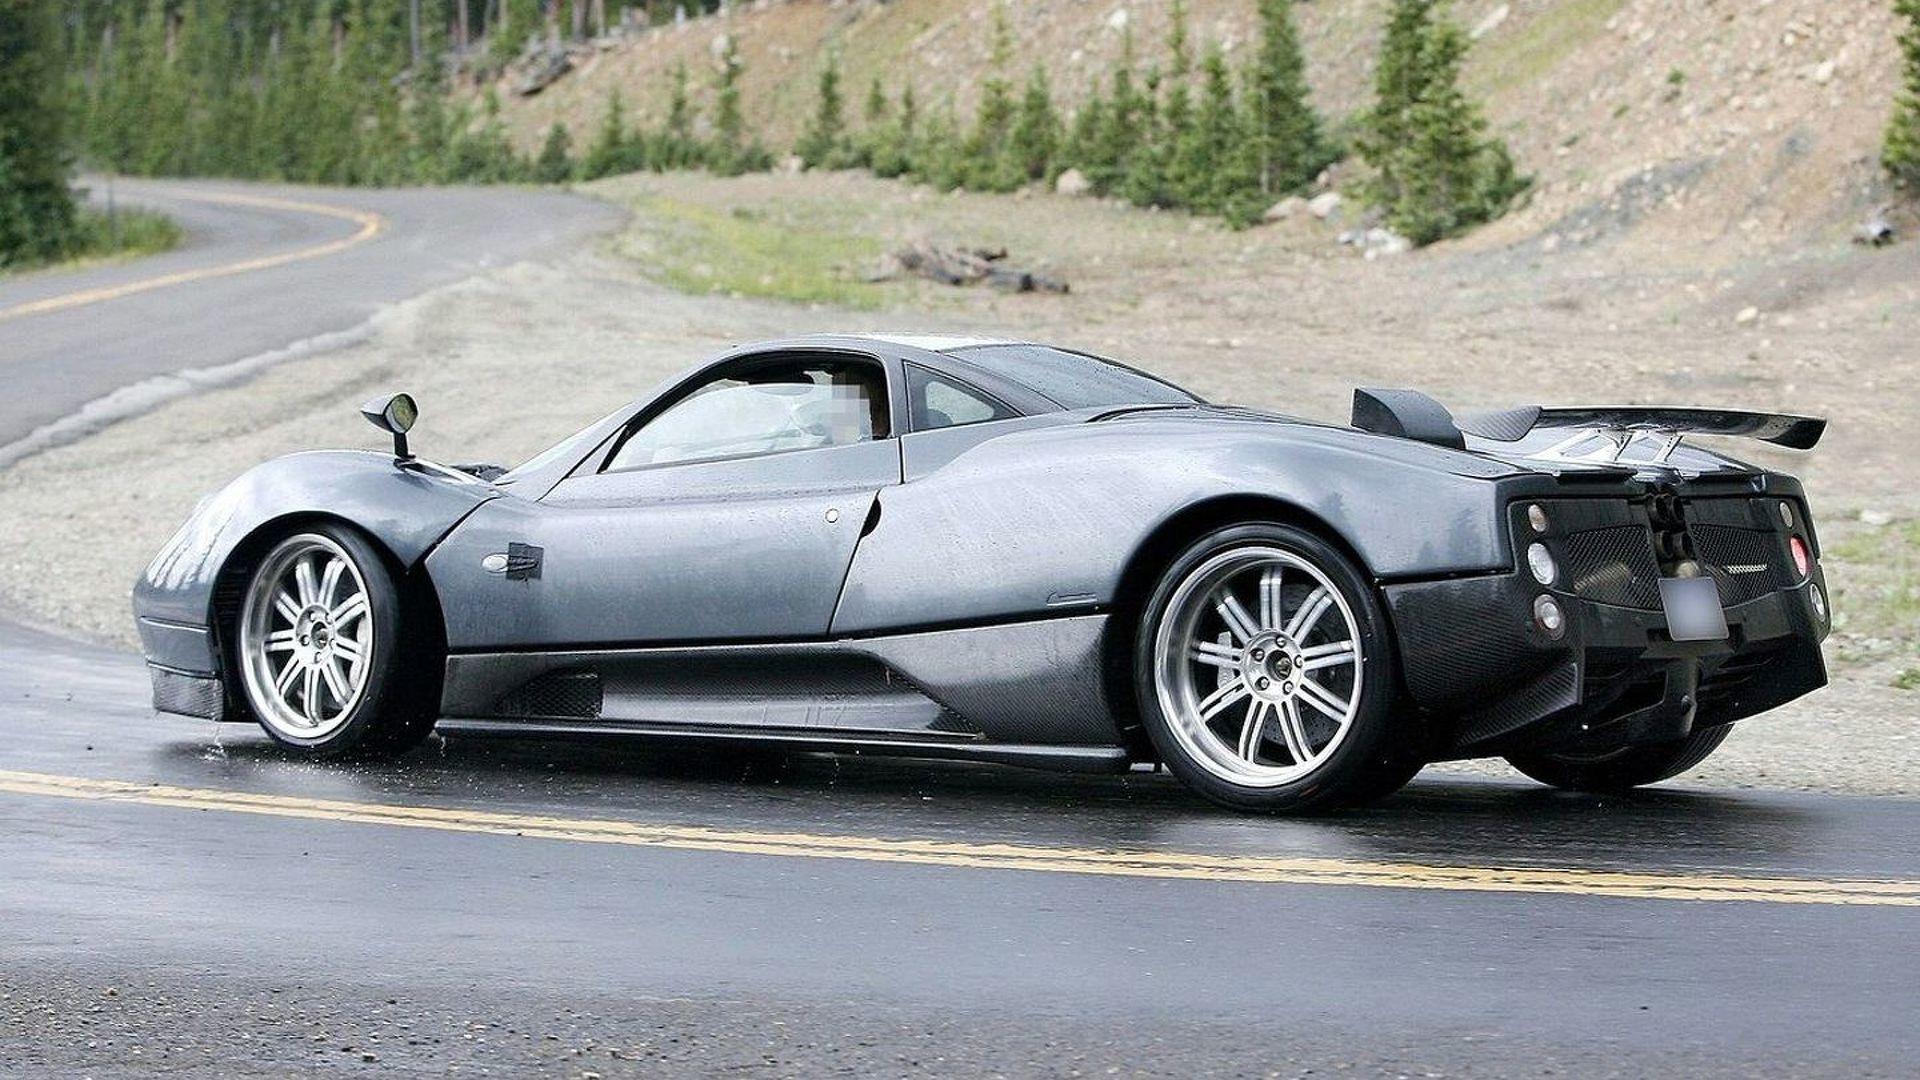 La Pagani C9 se fait désirer. Un concurrent pour la Lamborghini Aventador ?